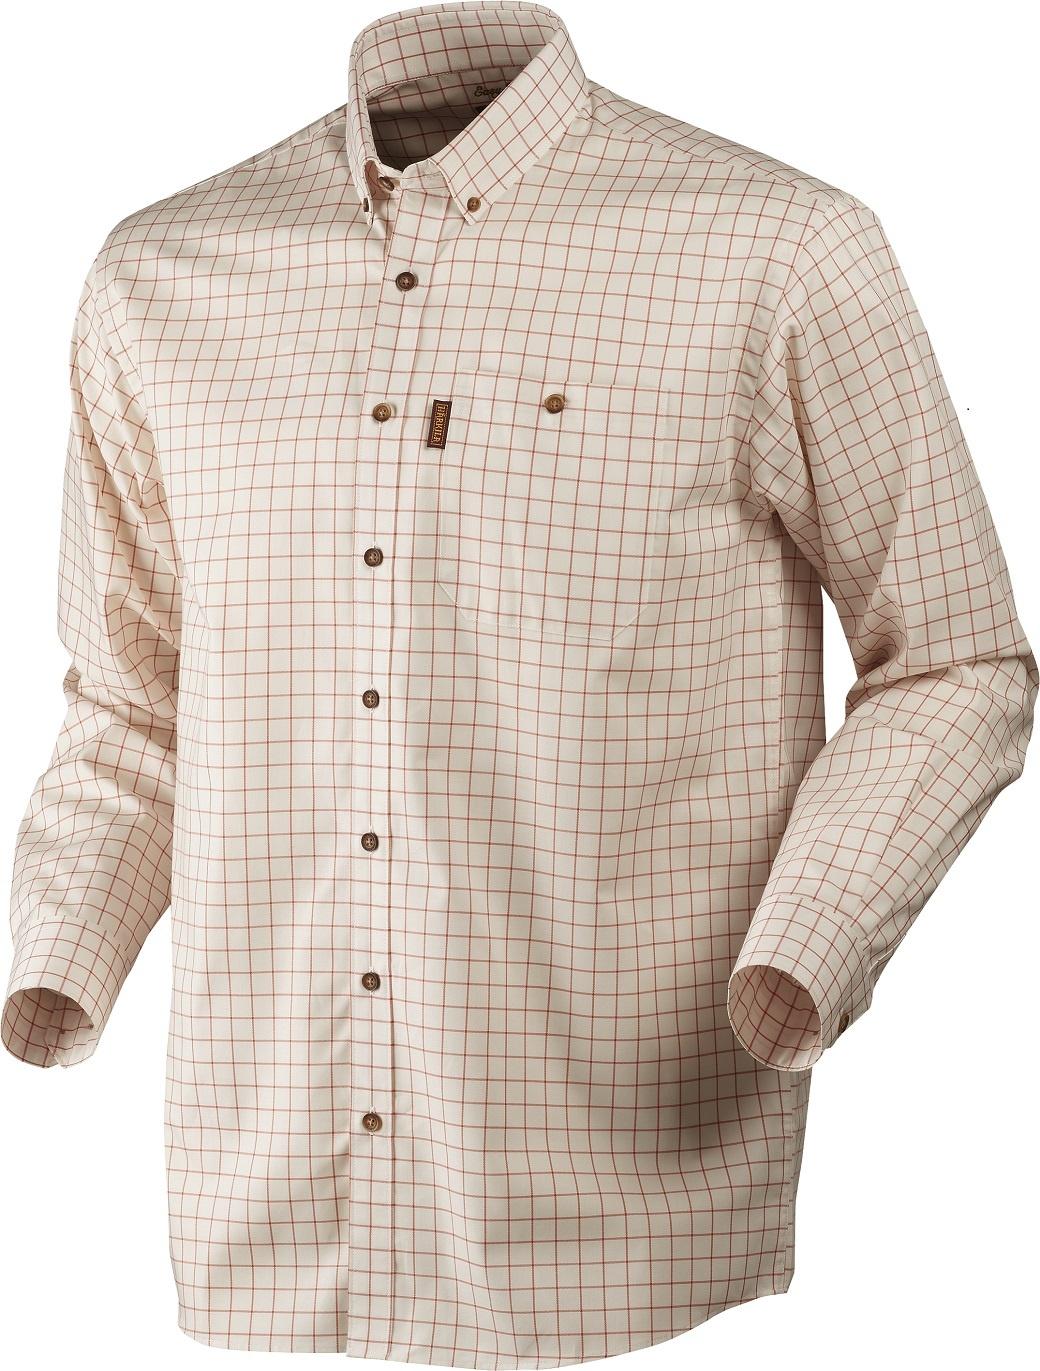 Härkila Stenstorp Shirt Burnt orange check Button-under-1